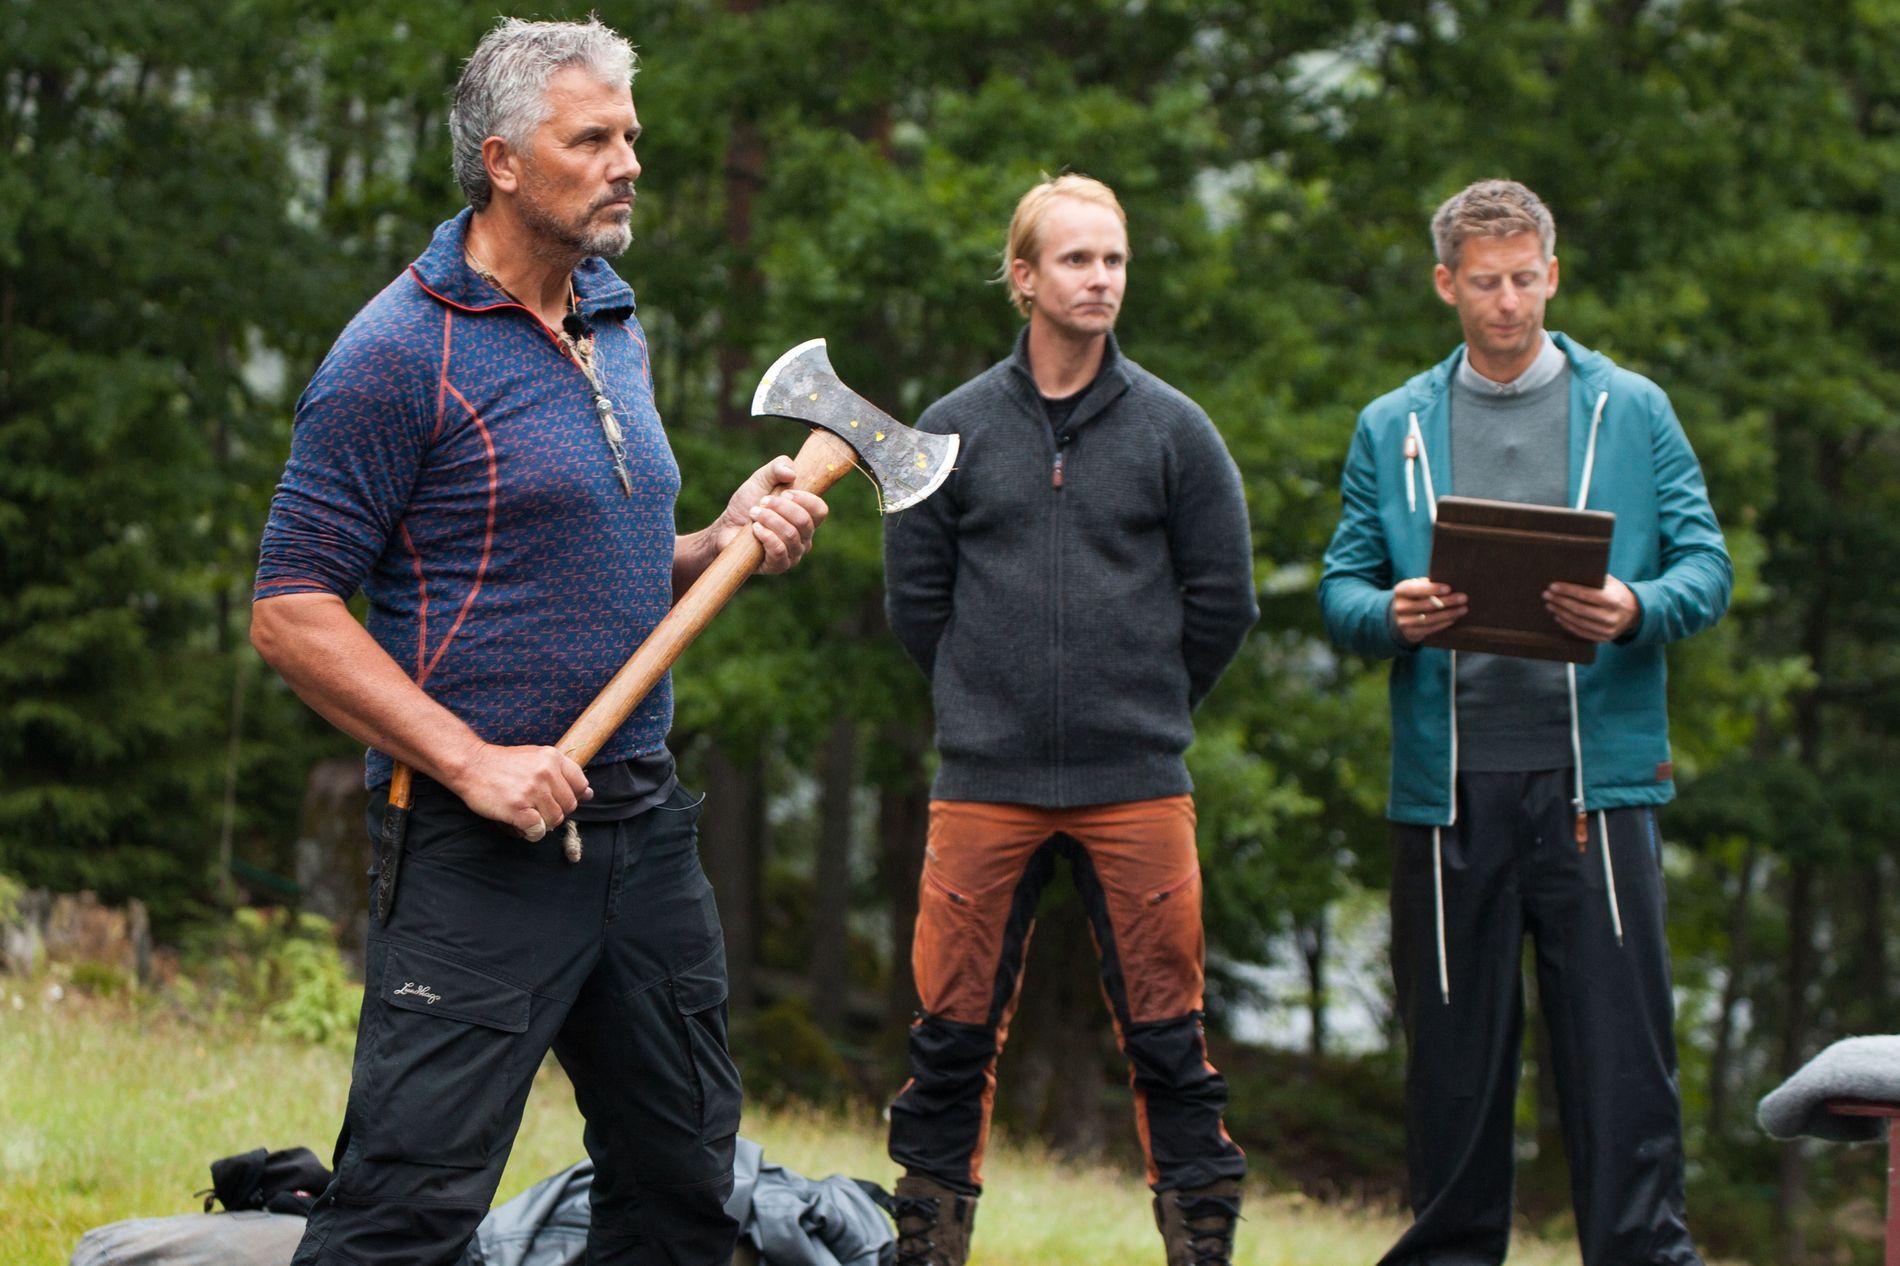 TAPTE: Jarl Goli tapte tvekampen mot Petter Pilgaard i søndagens episode av «Farmen kjendis».